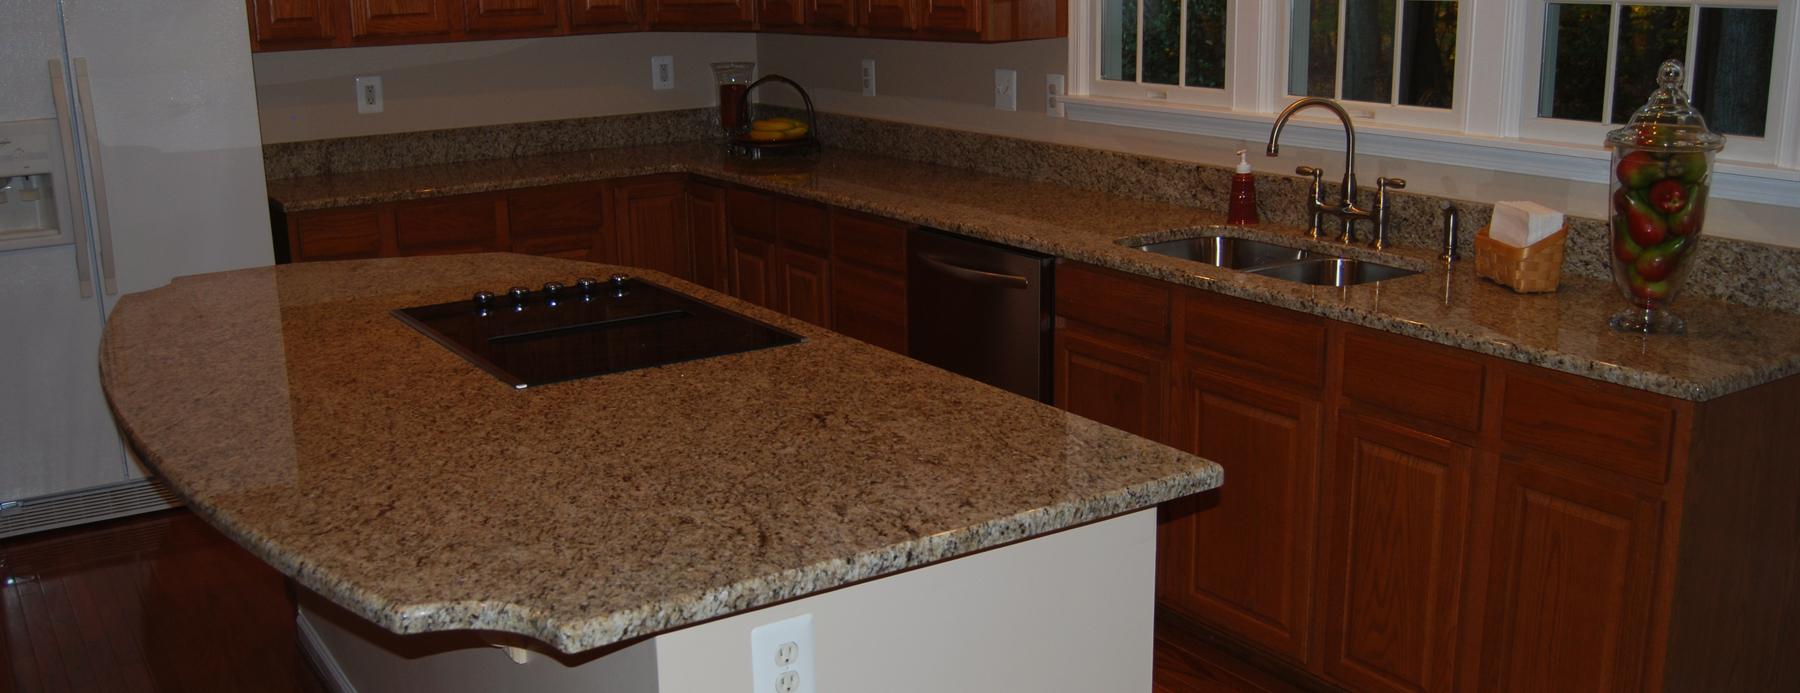 Granite-Counter-Tops-Baltimore